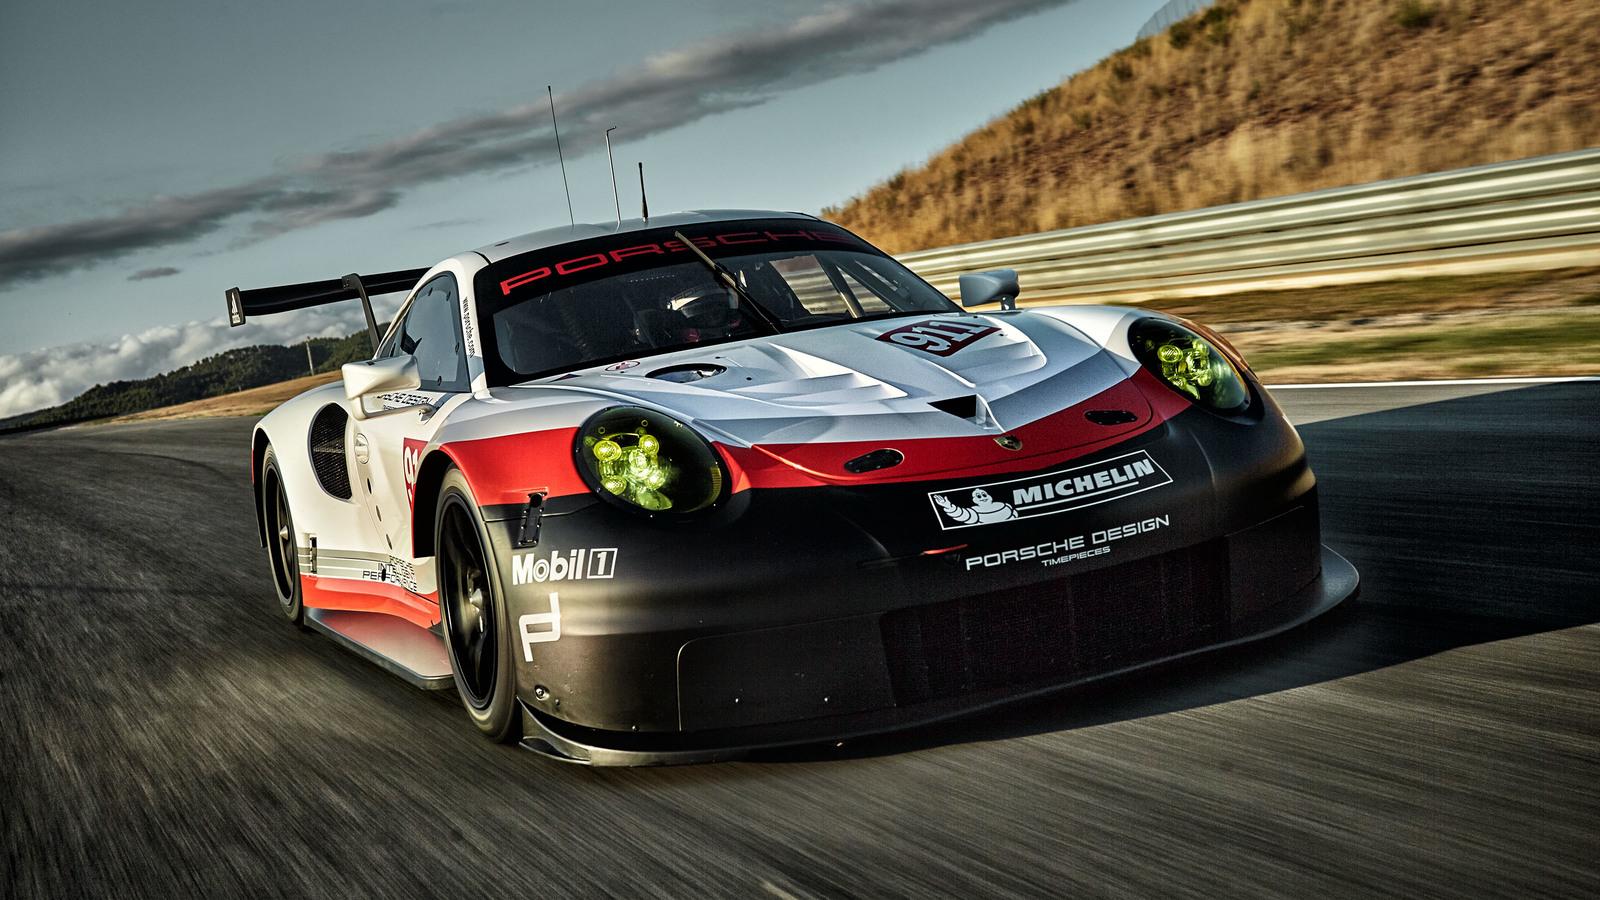 Audi Sports Car Wallpaper 2018 Porsche 911 Rsr Porsche S Mid Engined 911 Race